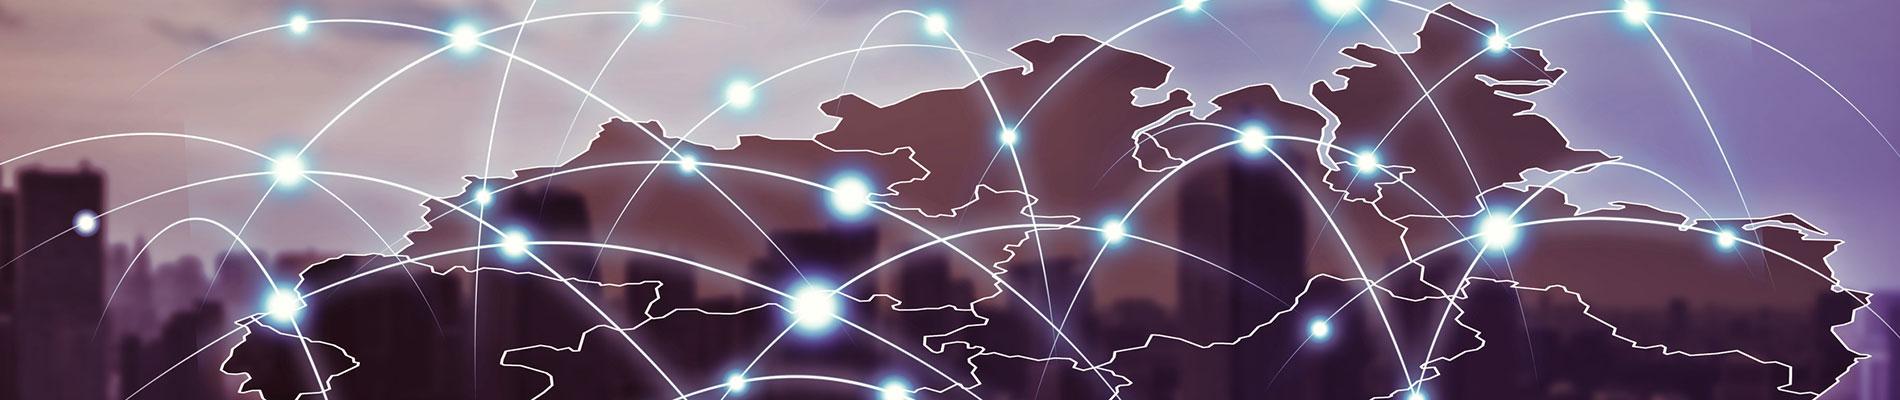 Keyvisual der Initiative Stadt.Land.Digital; Illustration zeigt digital vernetzte Deutschlandkarte